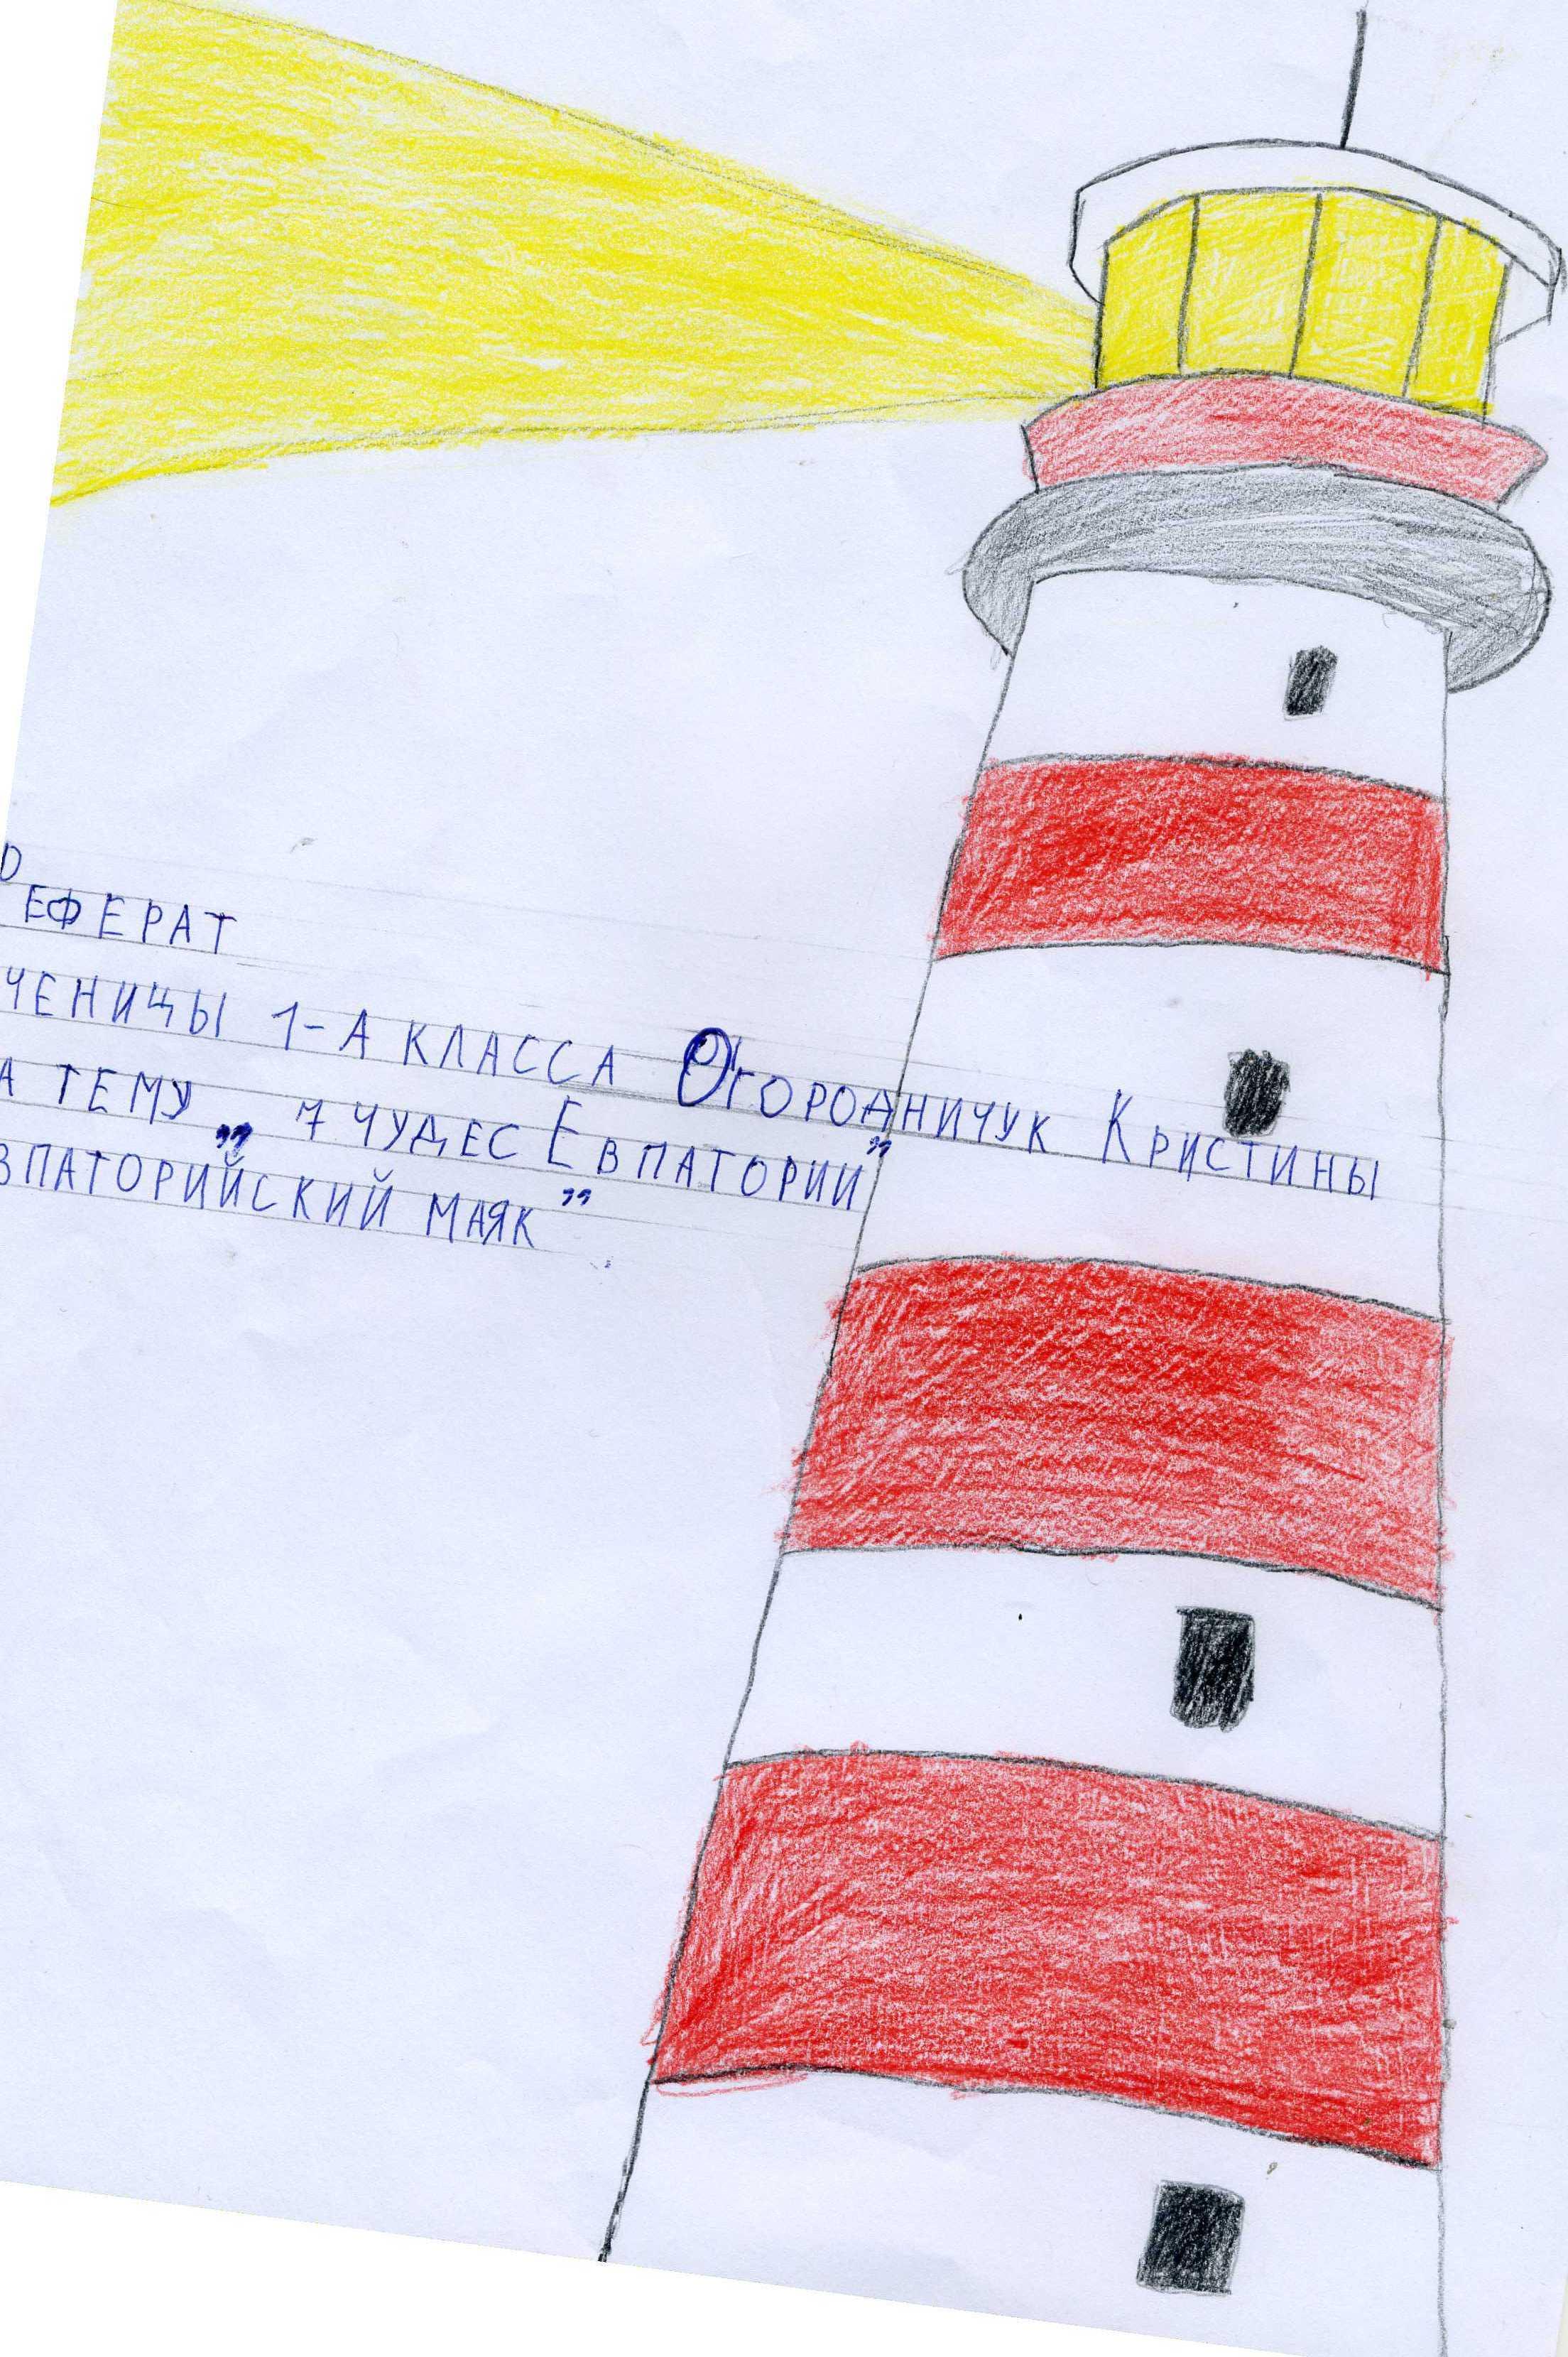 C:\Documents and Settings\Администратор\Мои документы\Мои рисунки\img021.jpg